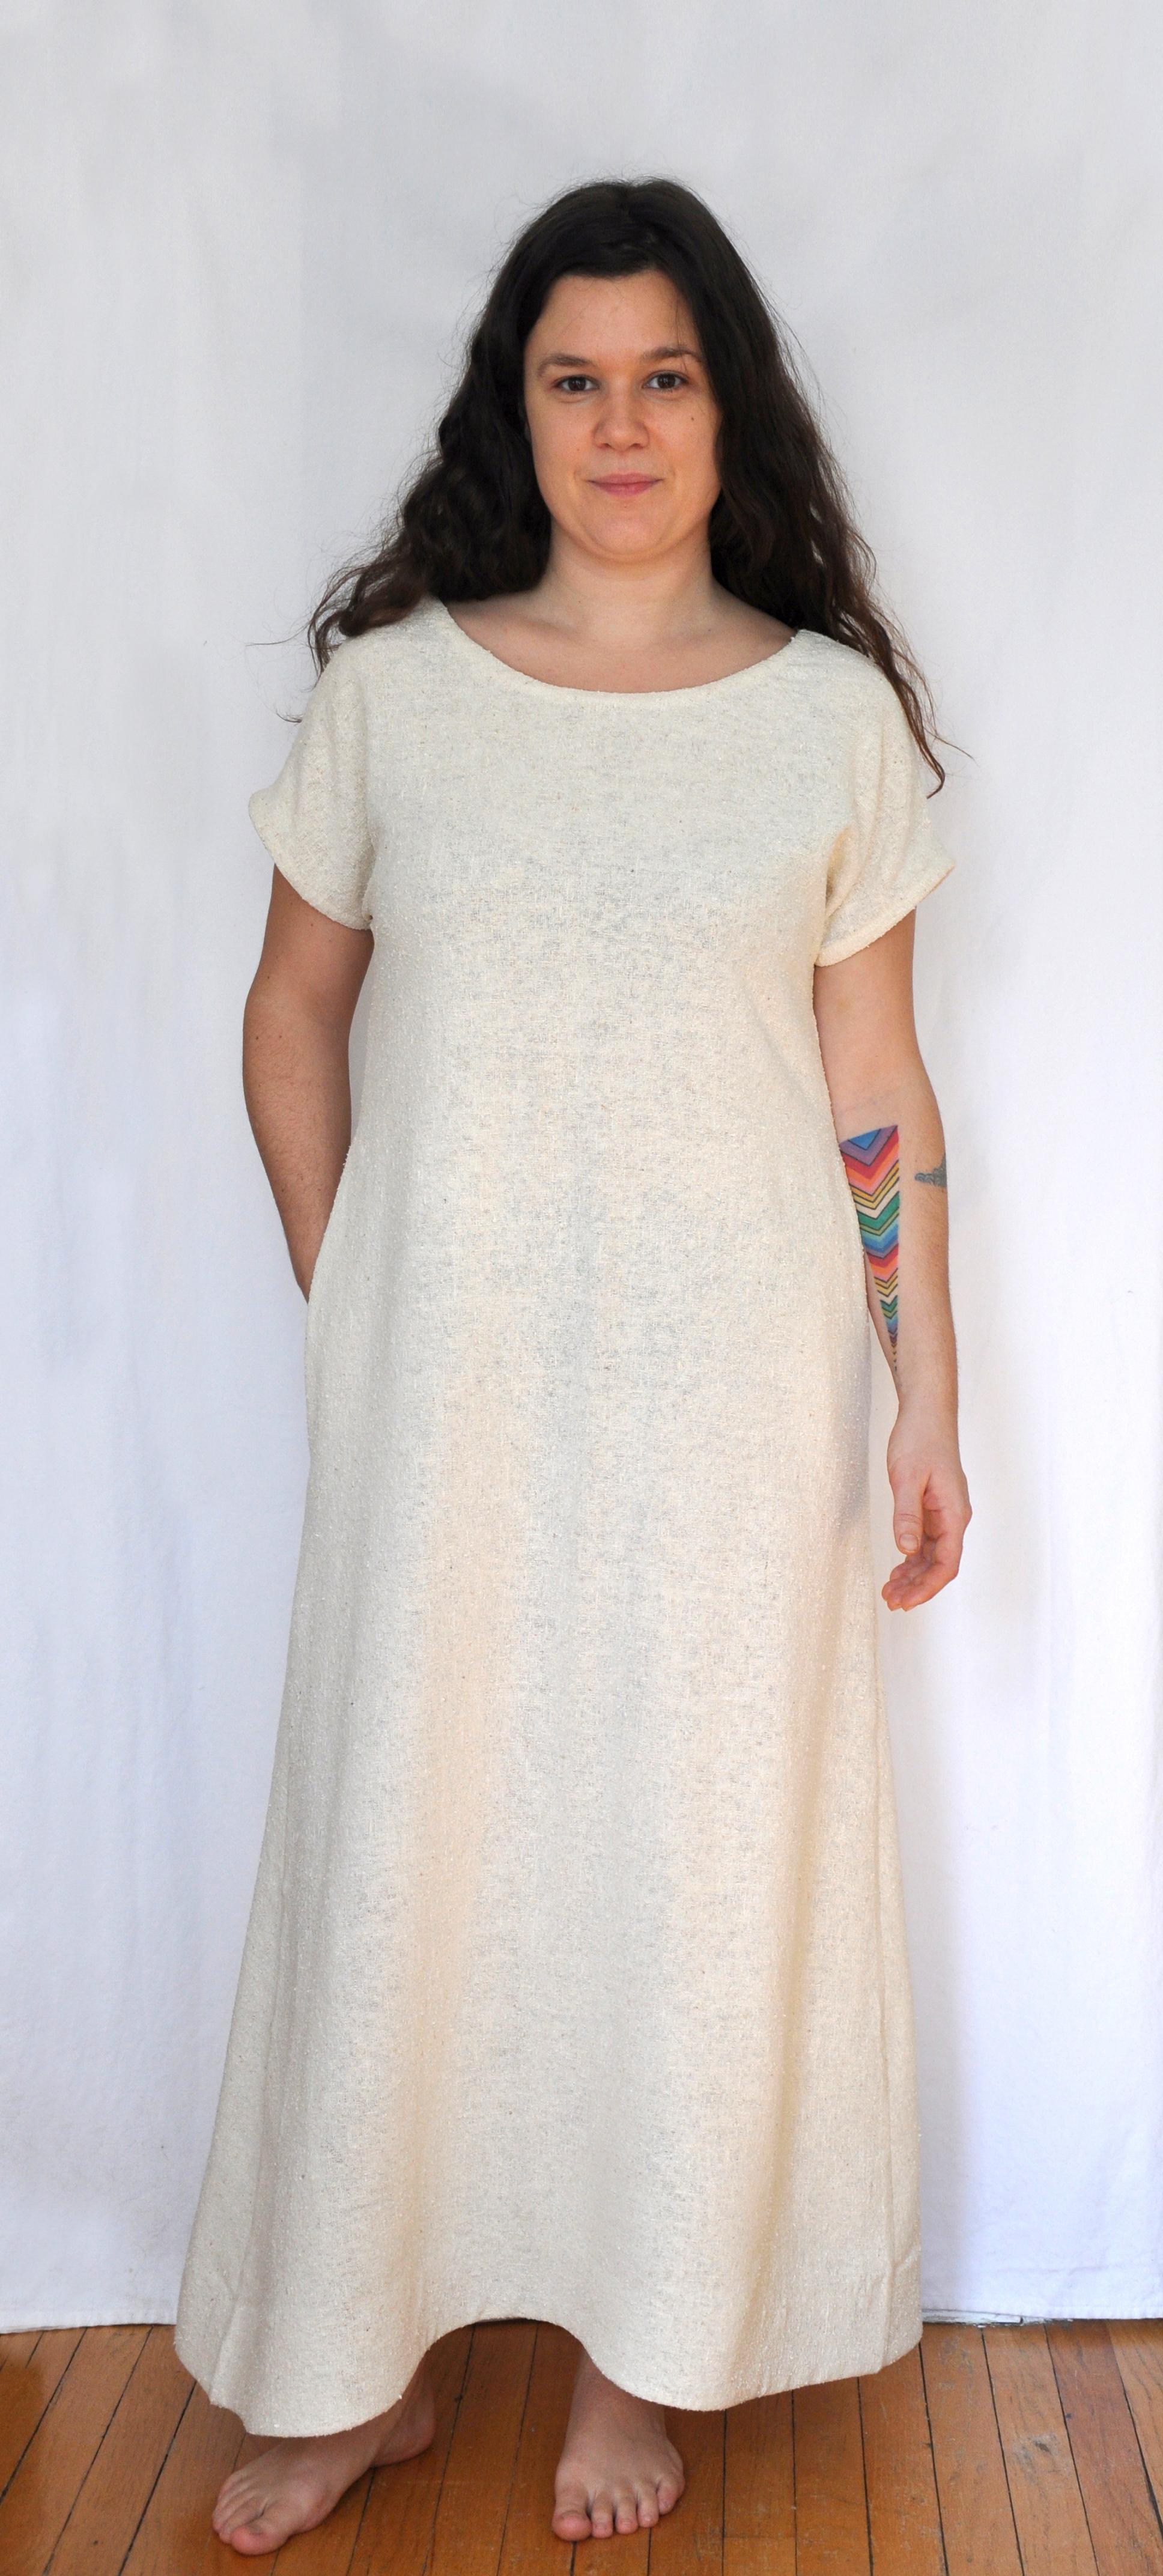 Megan_Weddinggown_front_best.jpg